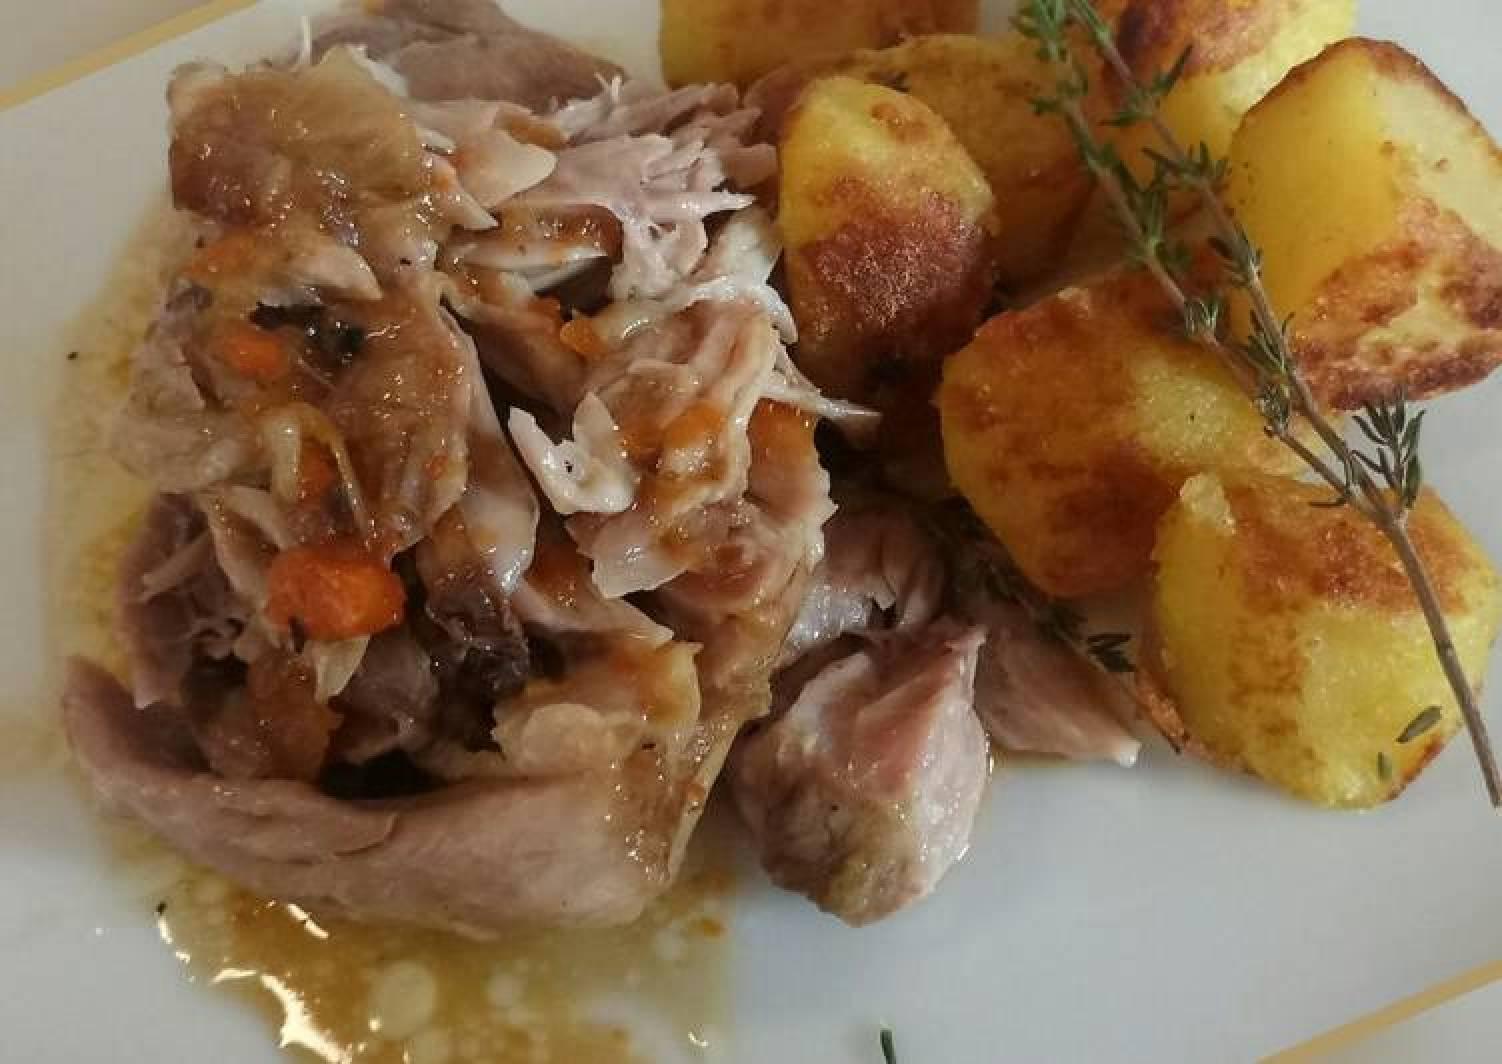 Stinco di maiale slow cooked pork hock